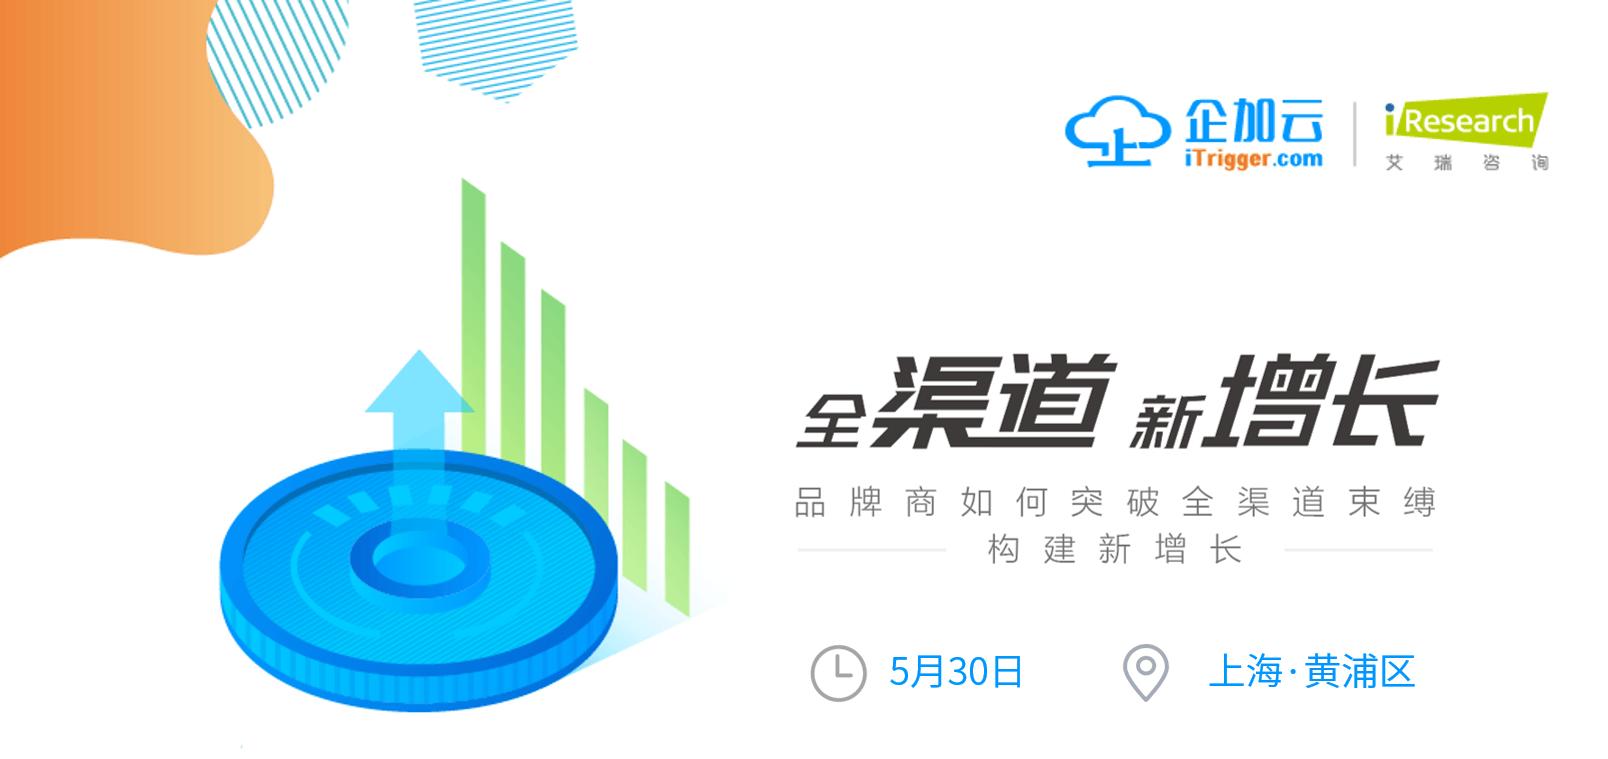 全渠道,新增长-零售品牌商如何突破全渠道束缚,构建新增长2019(上海)